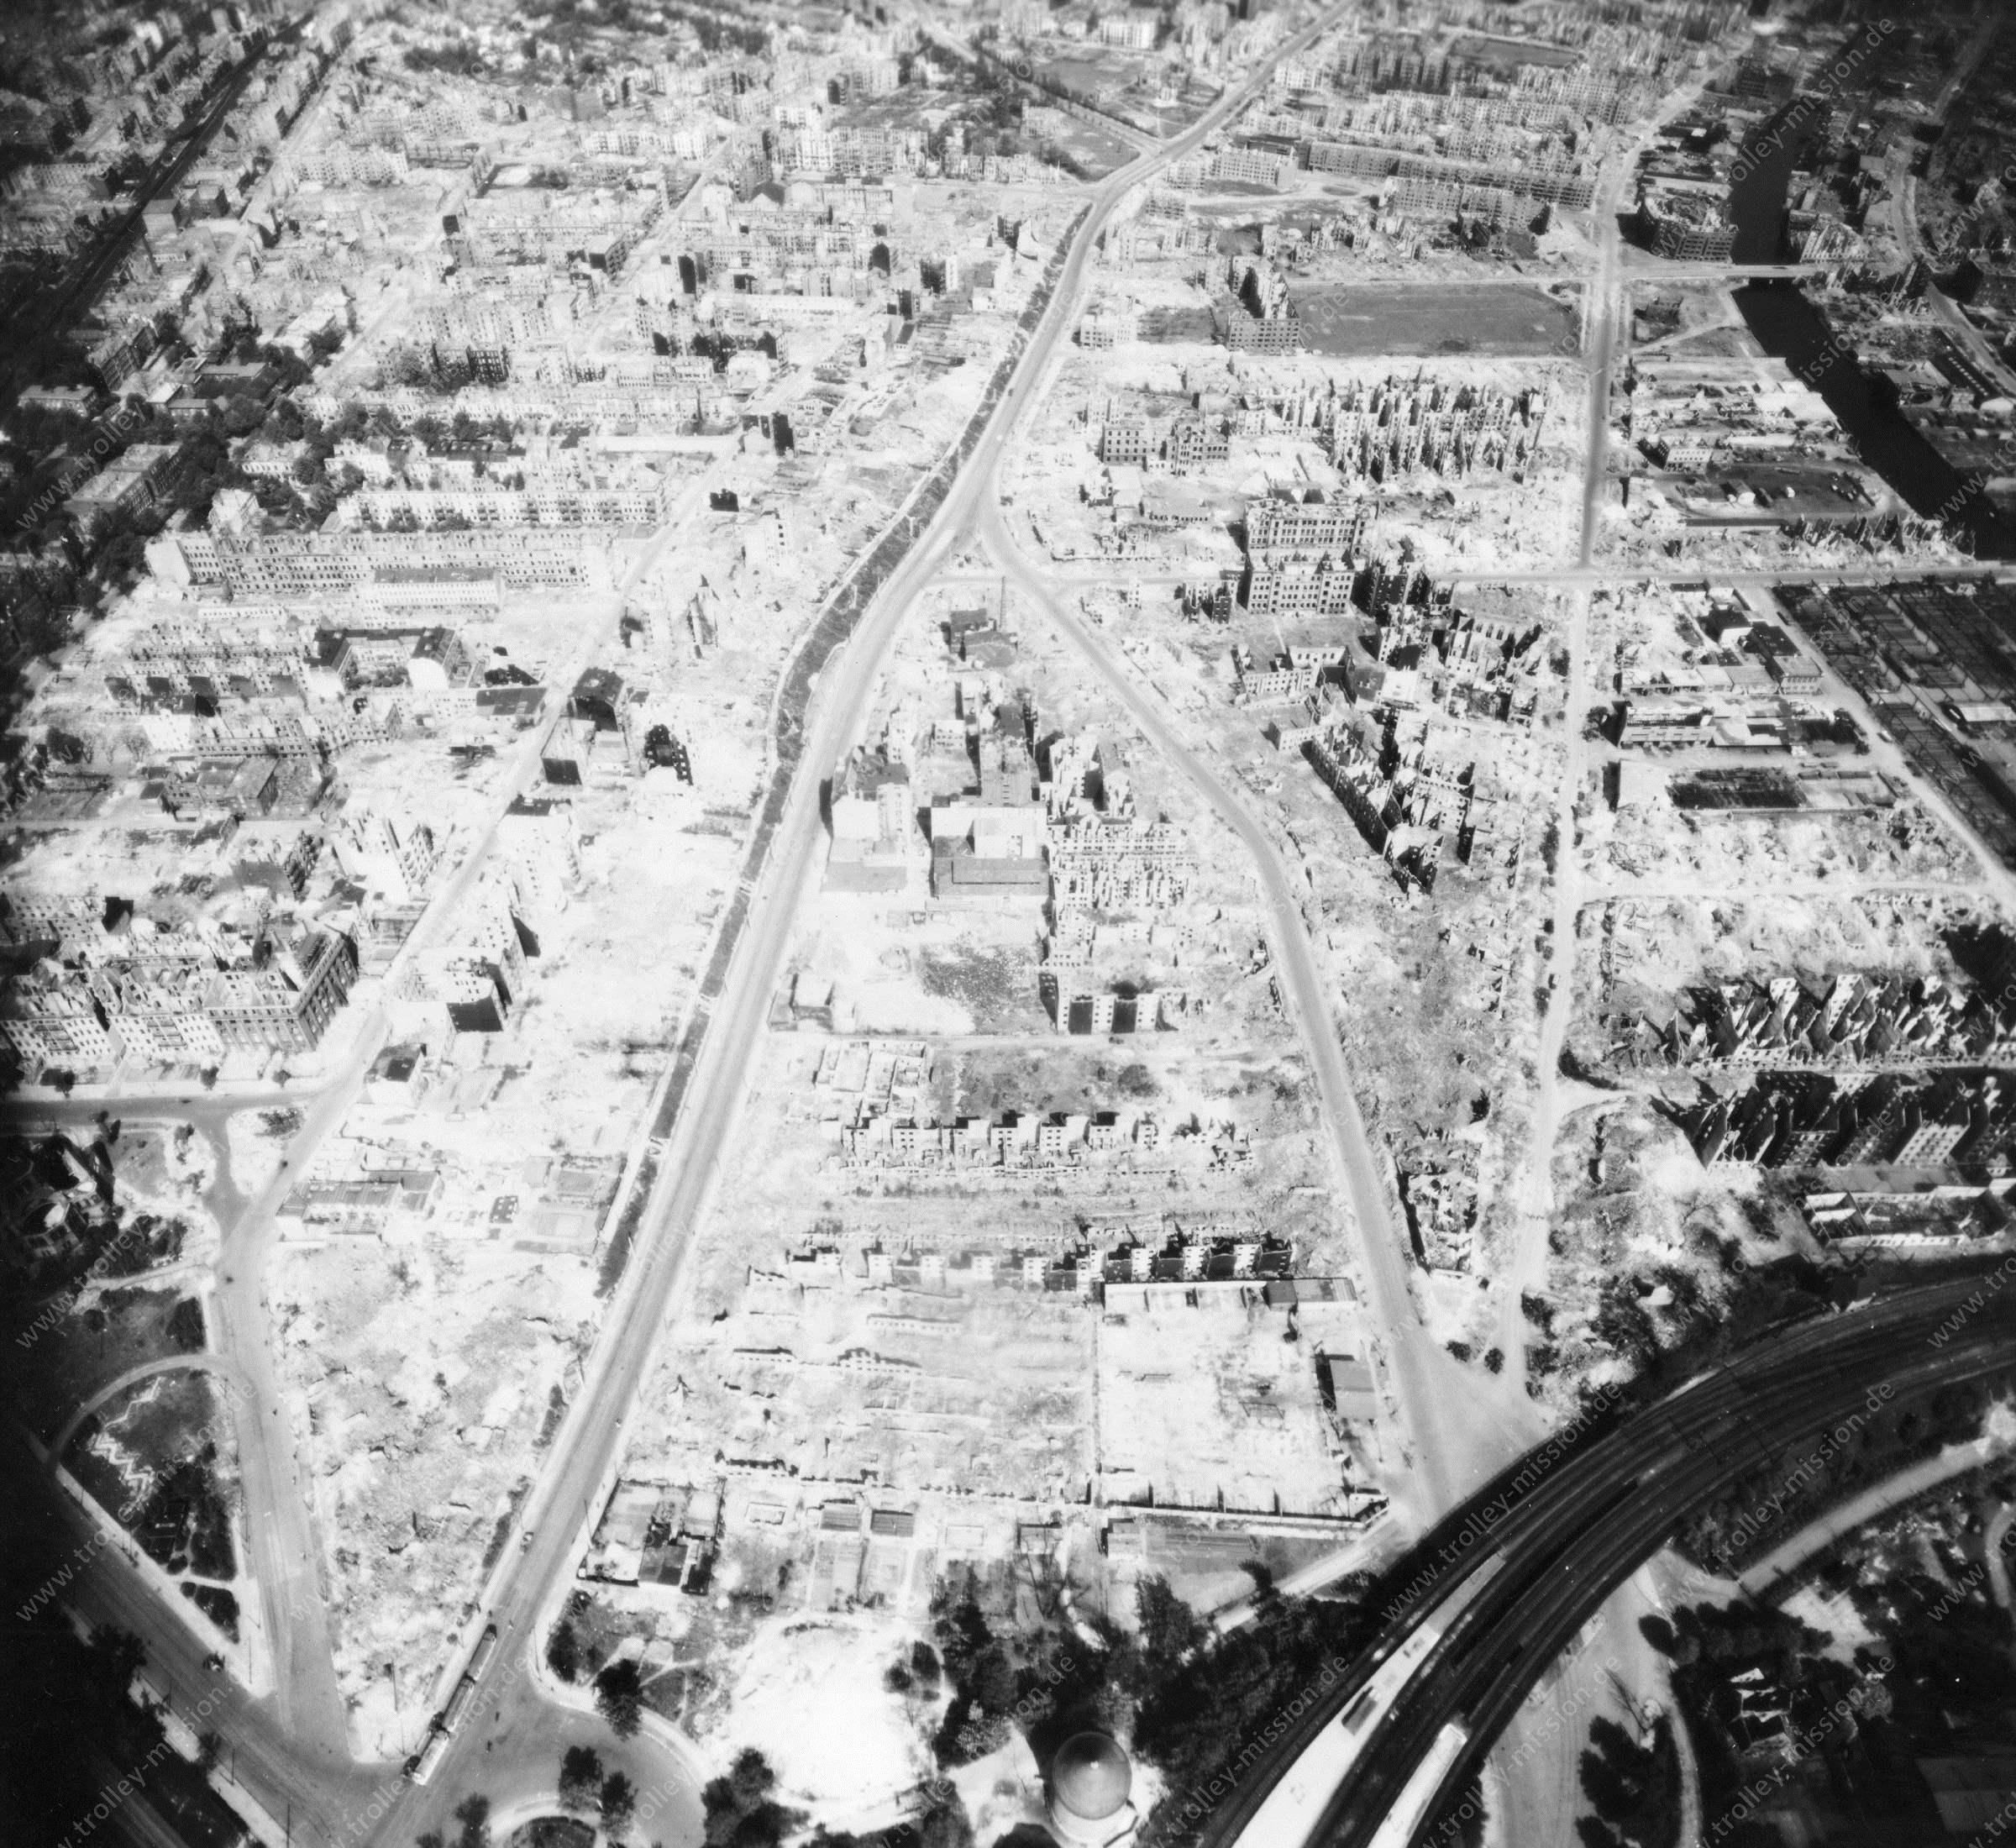 Luftbild von Hamburg und Hafen am 12. Mai 1945 - Luftbildserie 17/19 der US Air Force